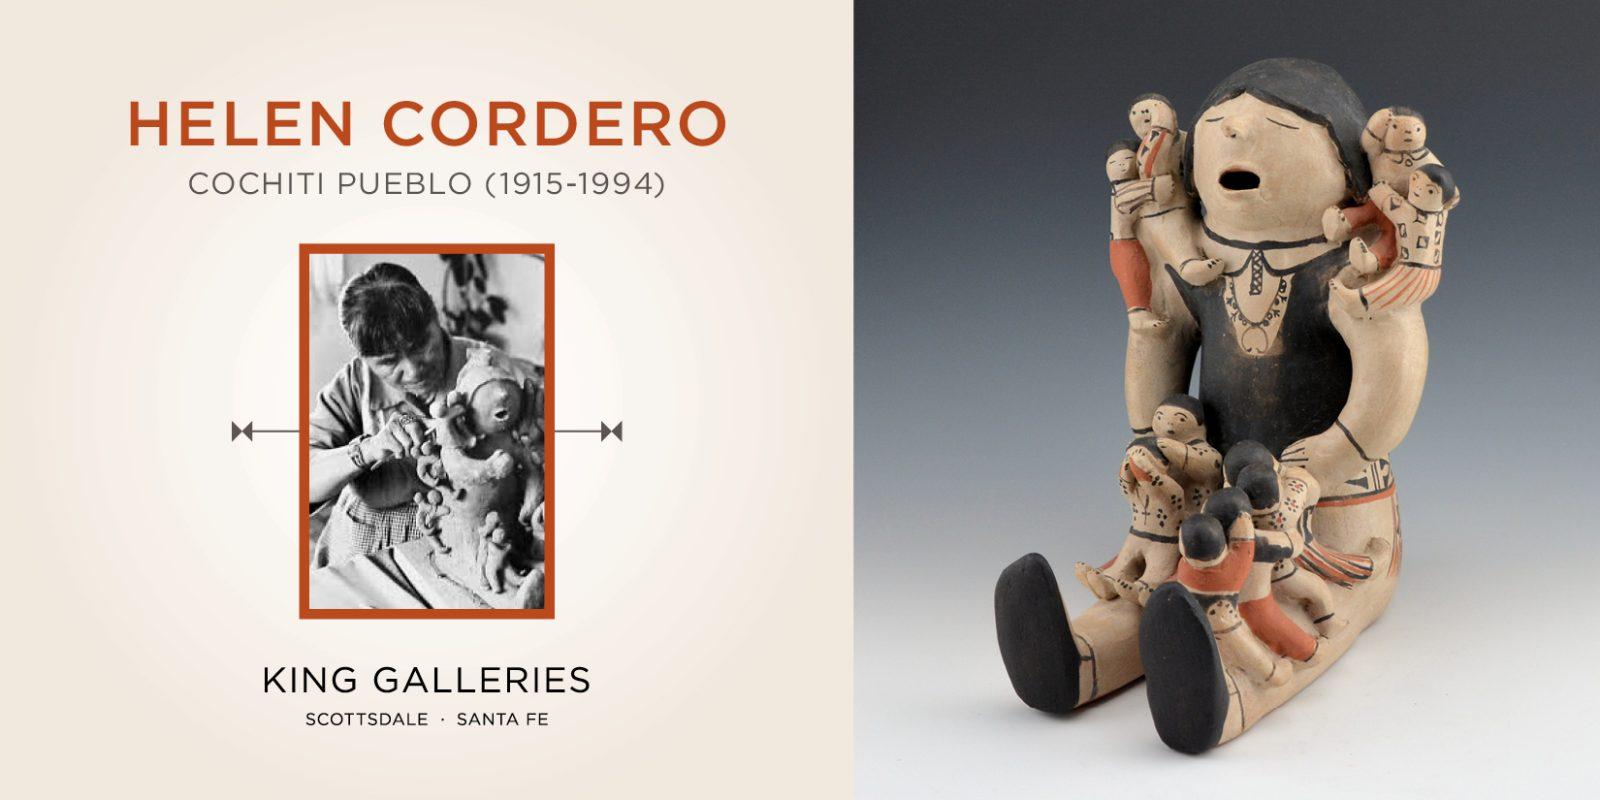 Helen Cordero